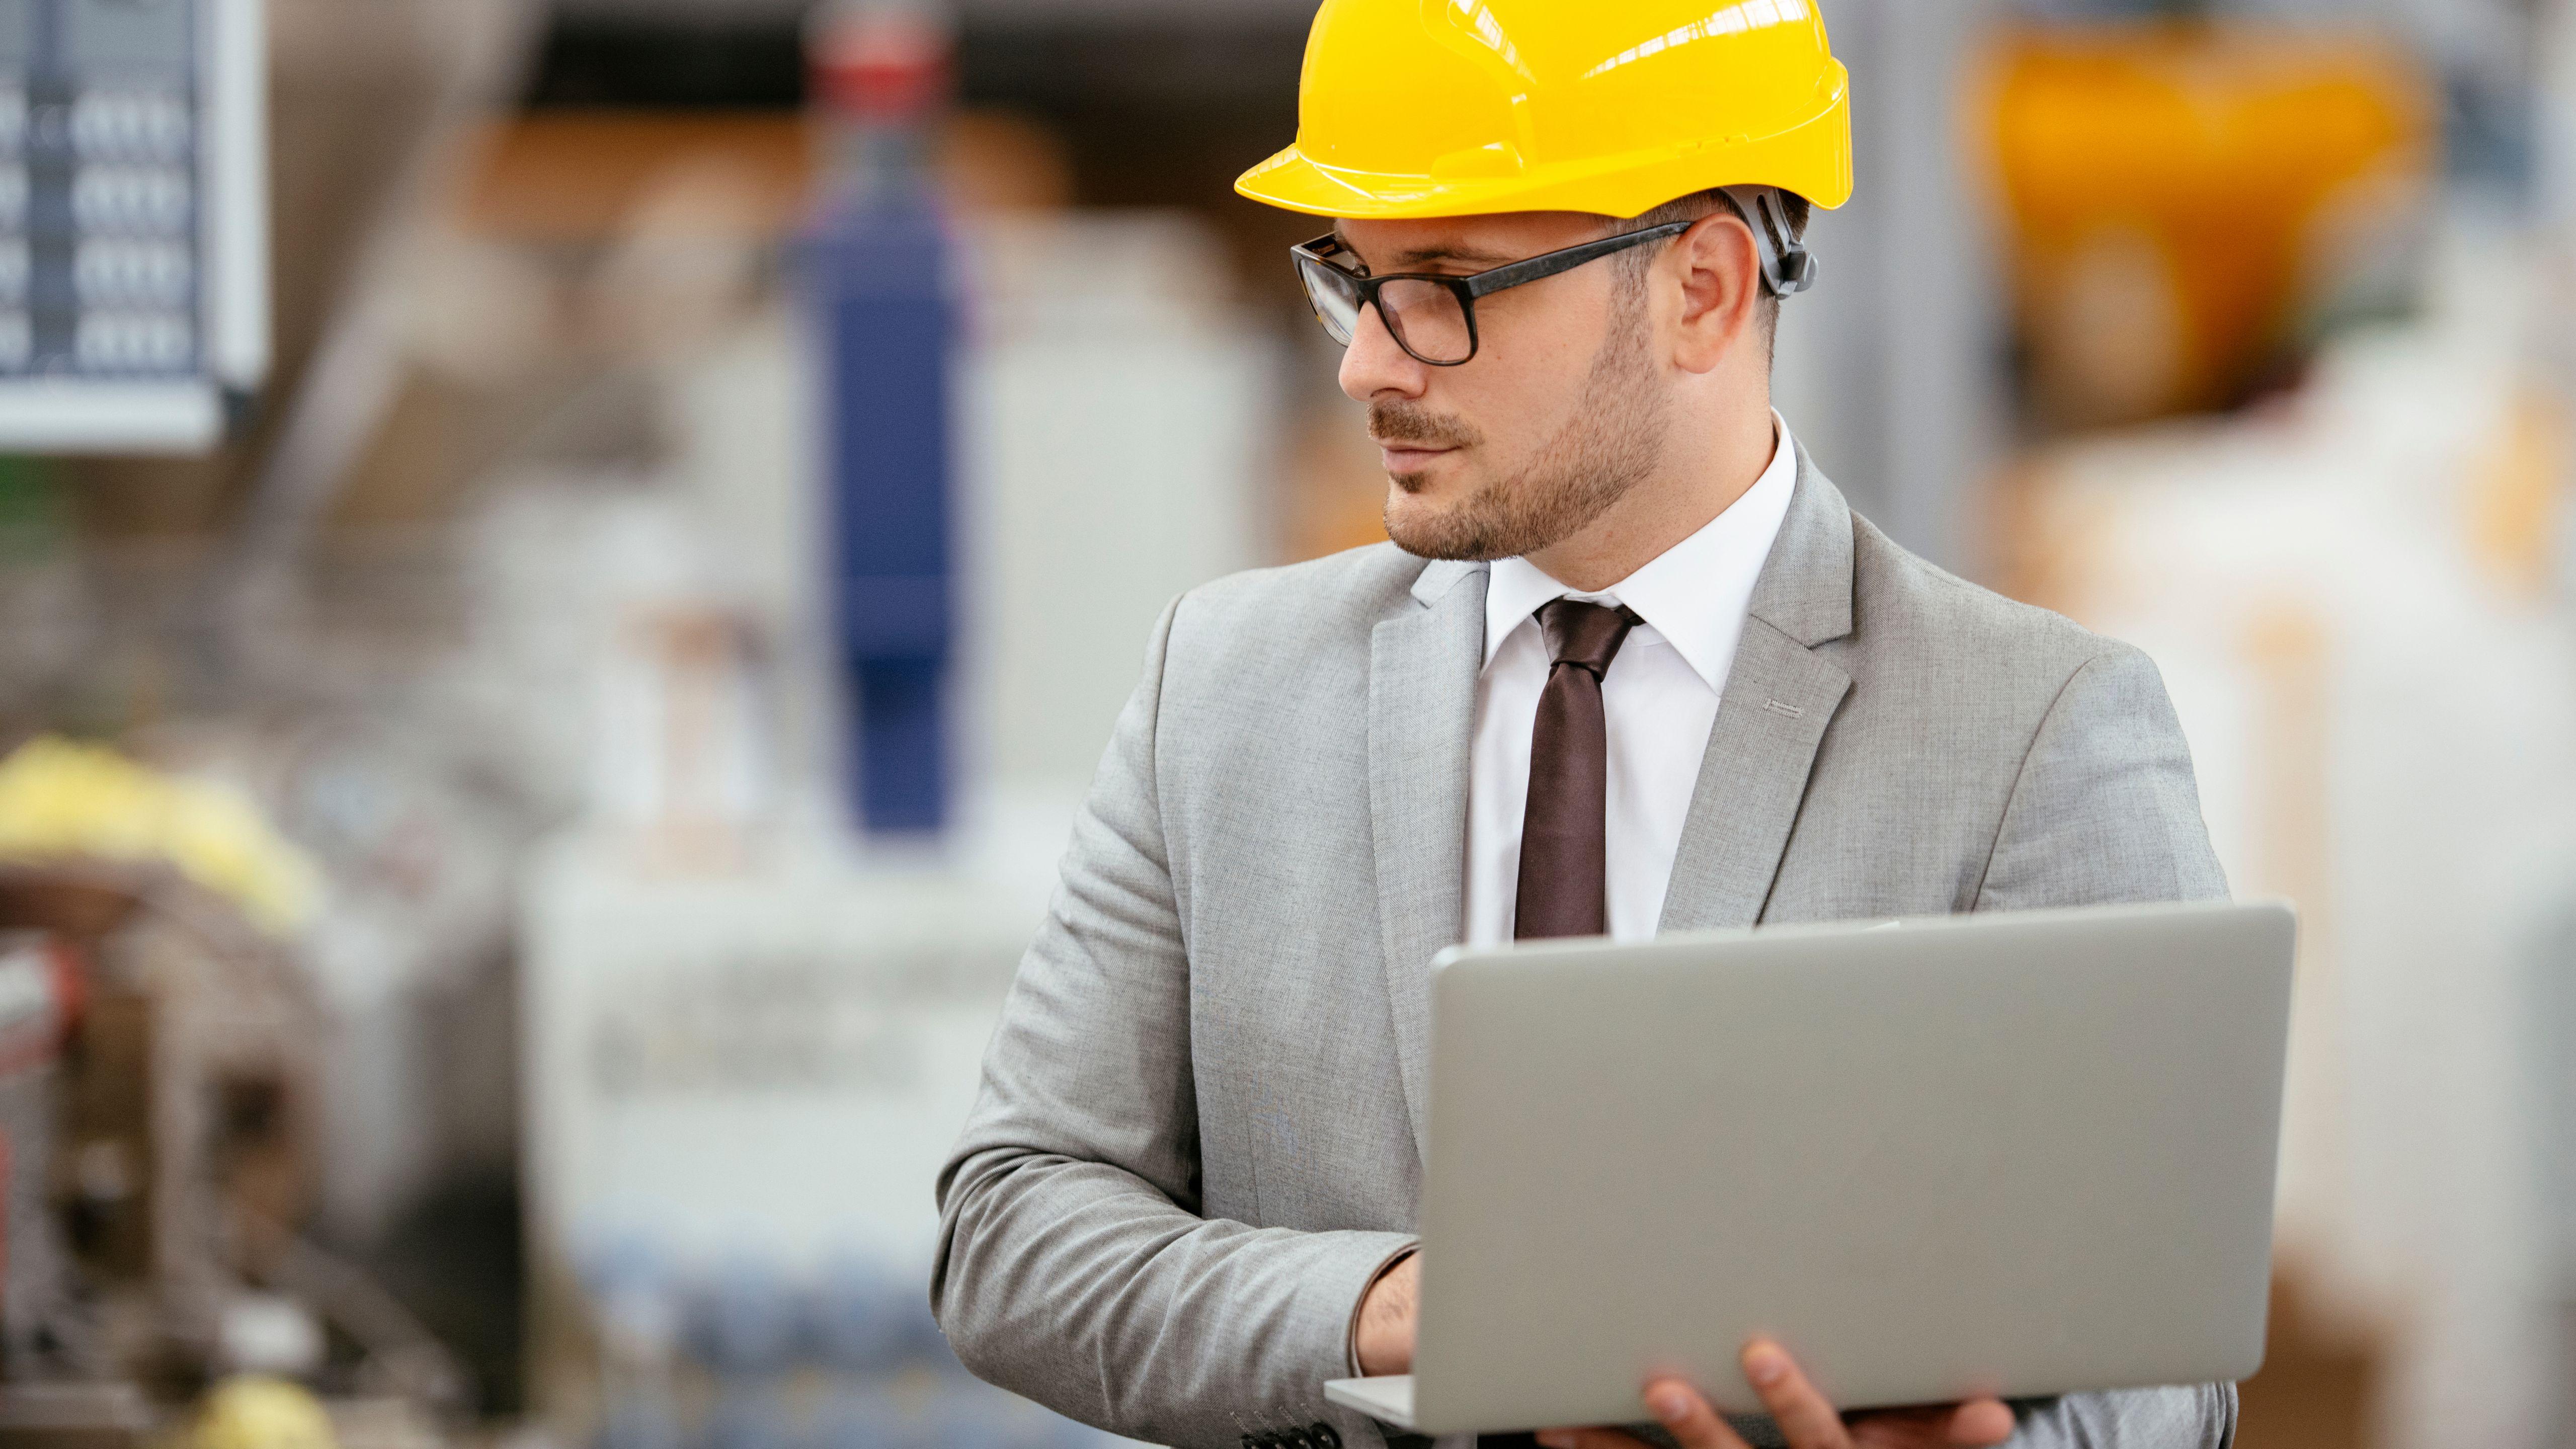 コネクテッドエンタープライズから利益を得る技術を実現